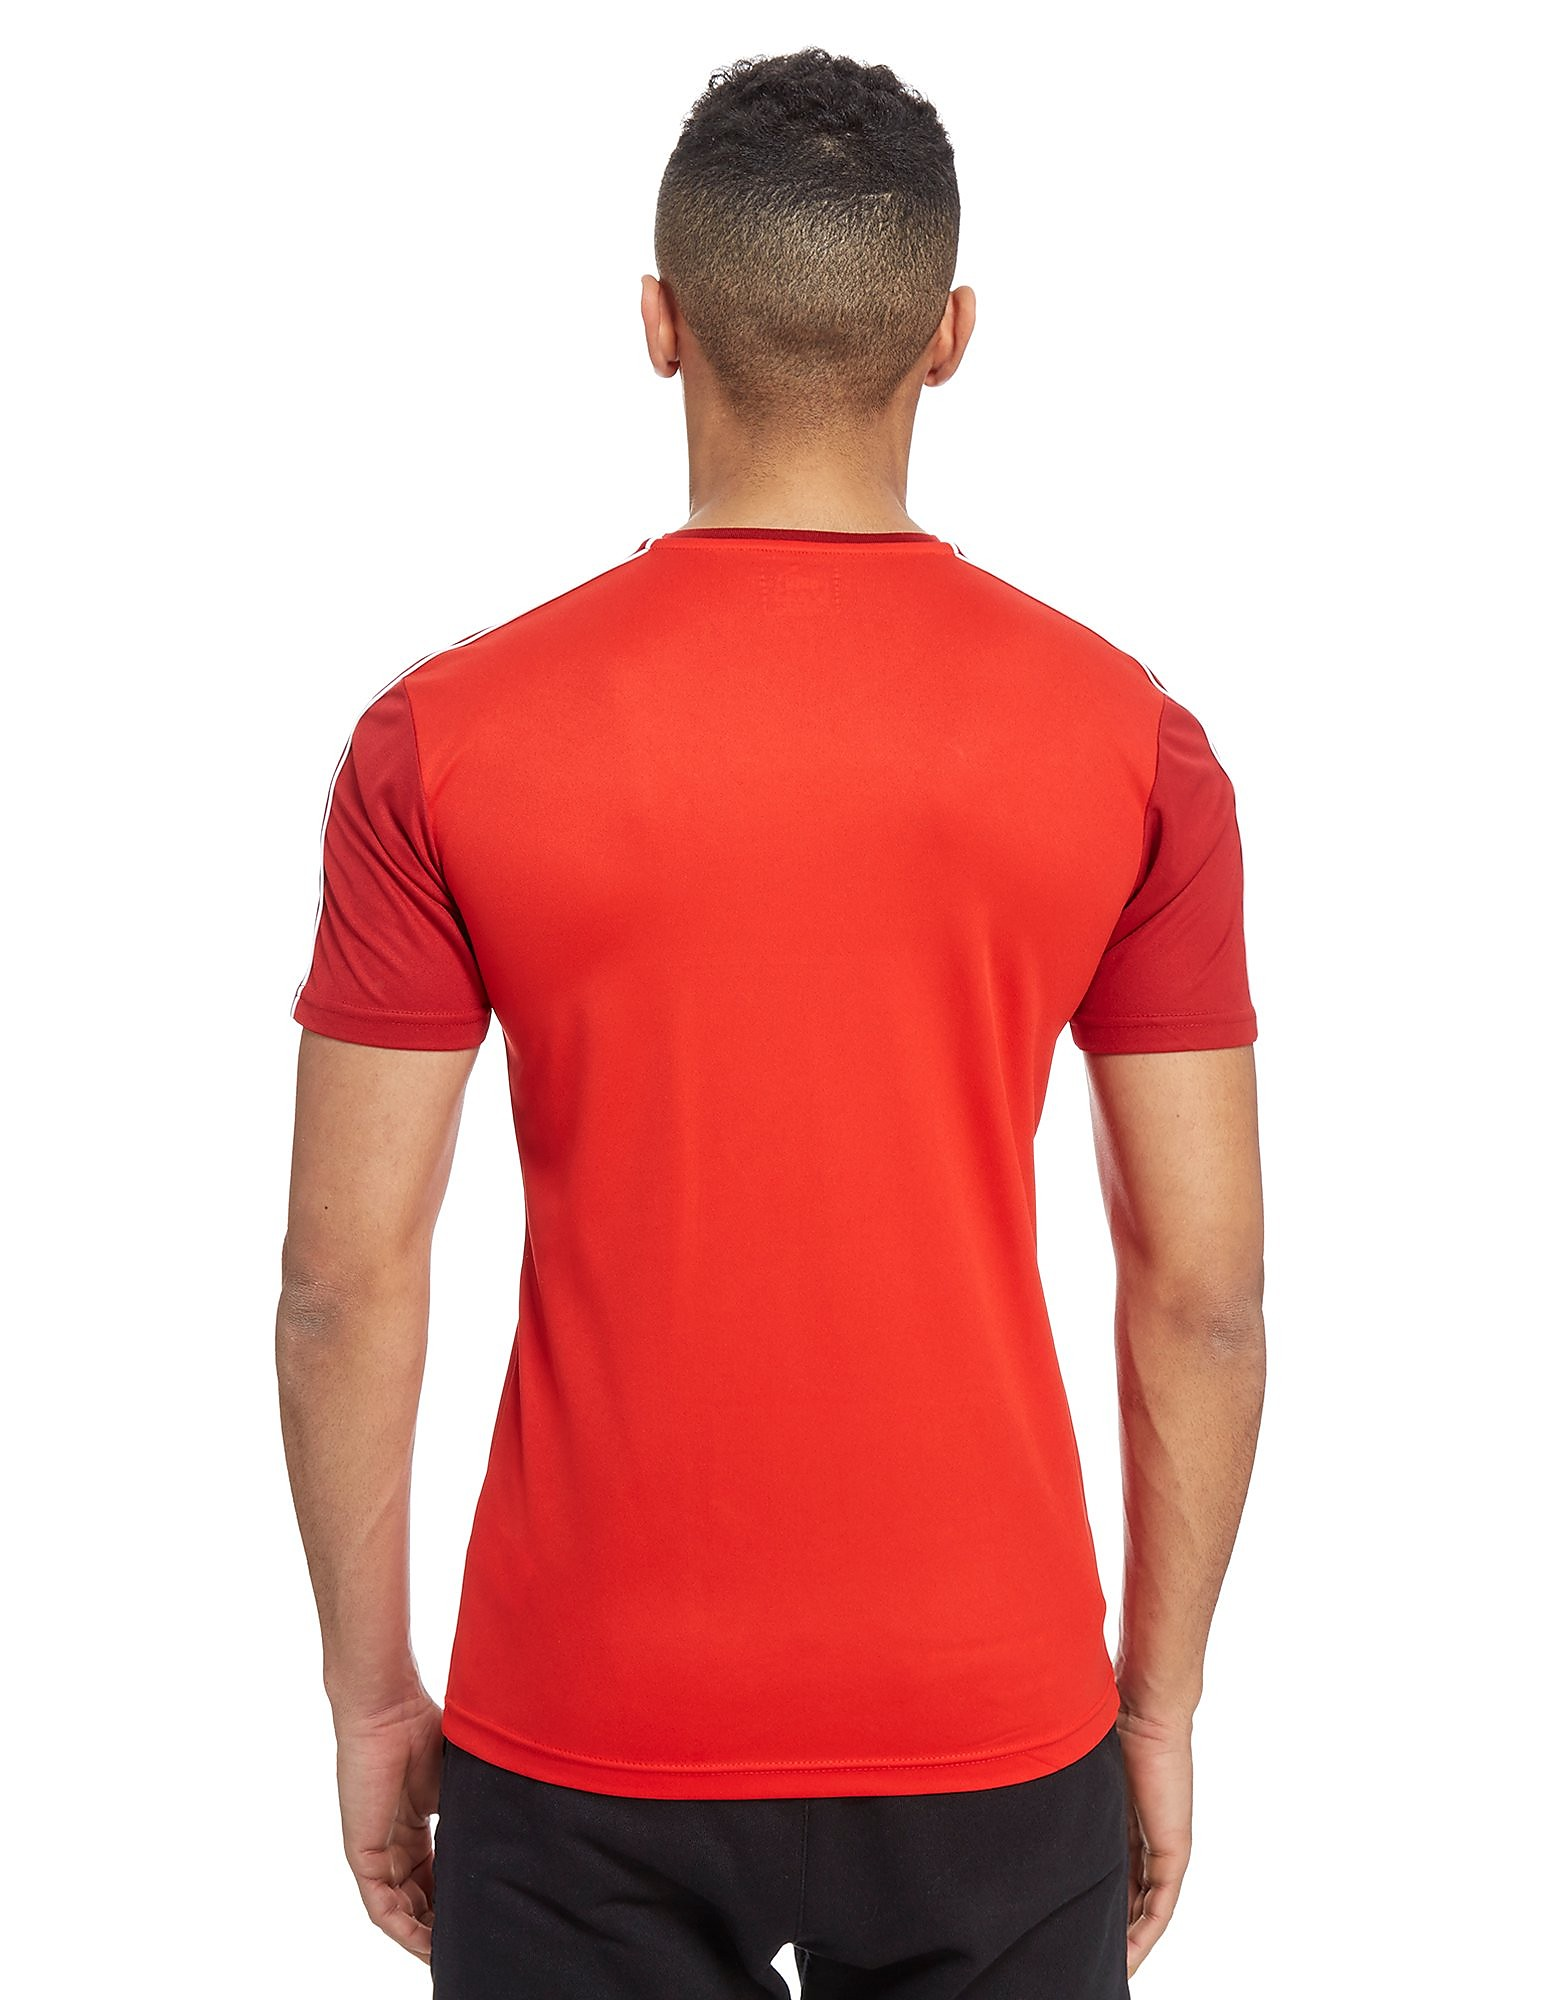 PUMA Rangers 2017/18 Away Shirt